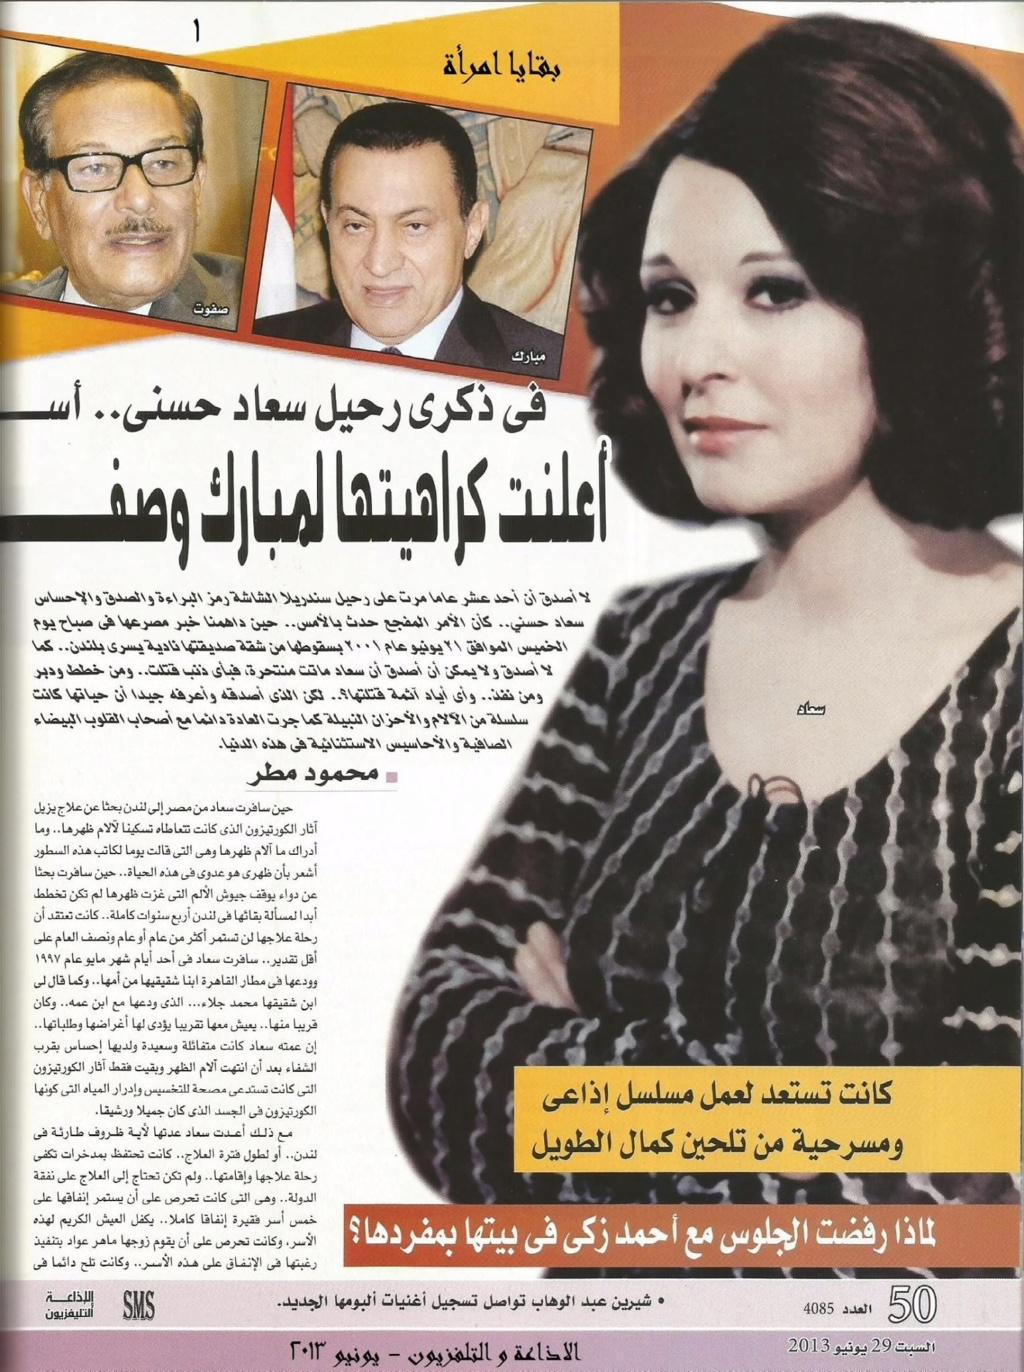 مقال - مقال صحفي : في ذكرى رحيل سعاد حسني .. أسرار جديدة 2013 م 1252